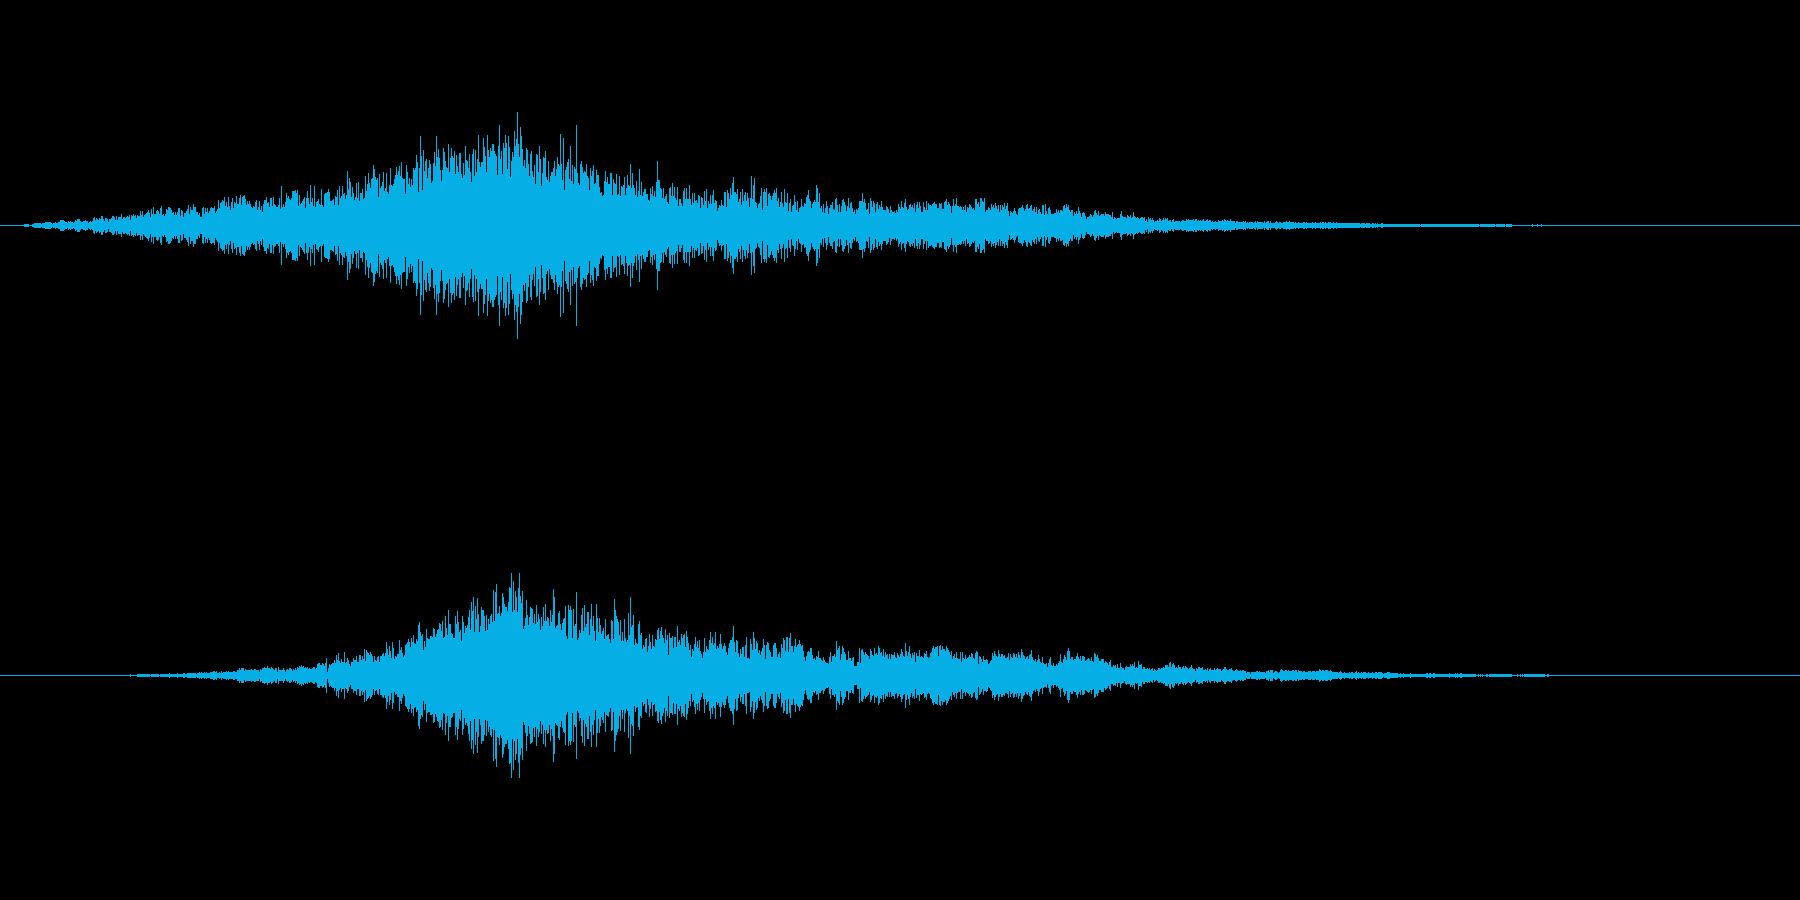 映画でよくあるライズヒットなサウンドロゴの再生済みの波形